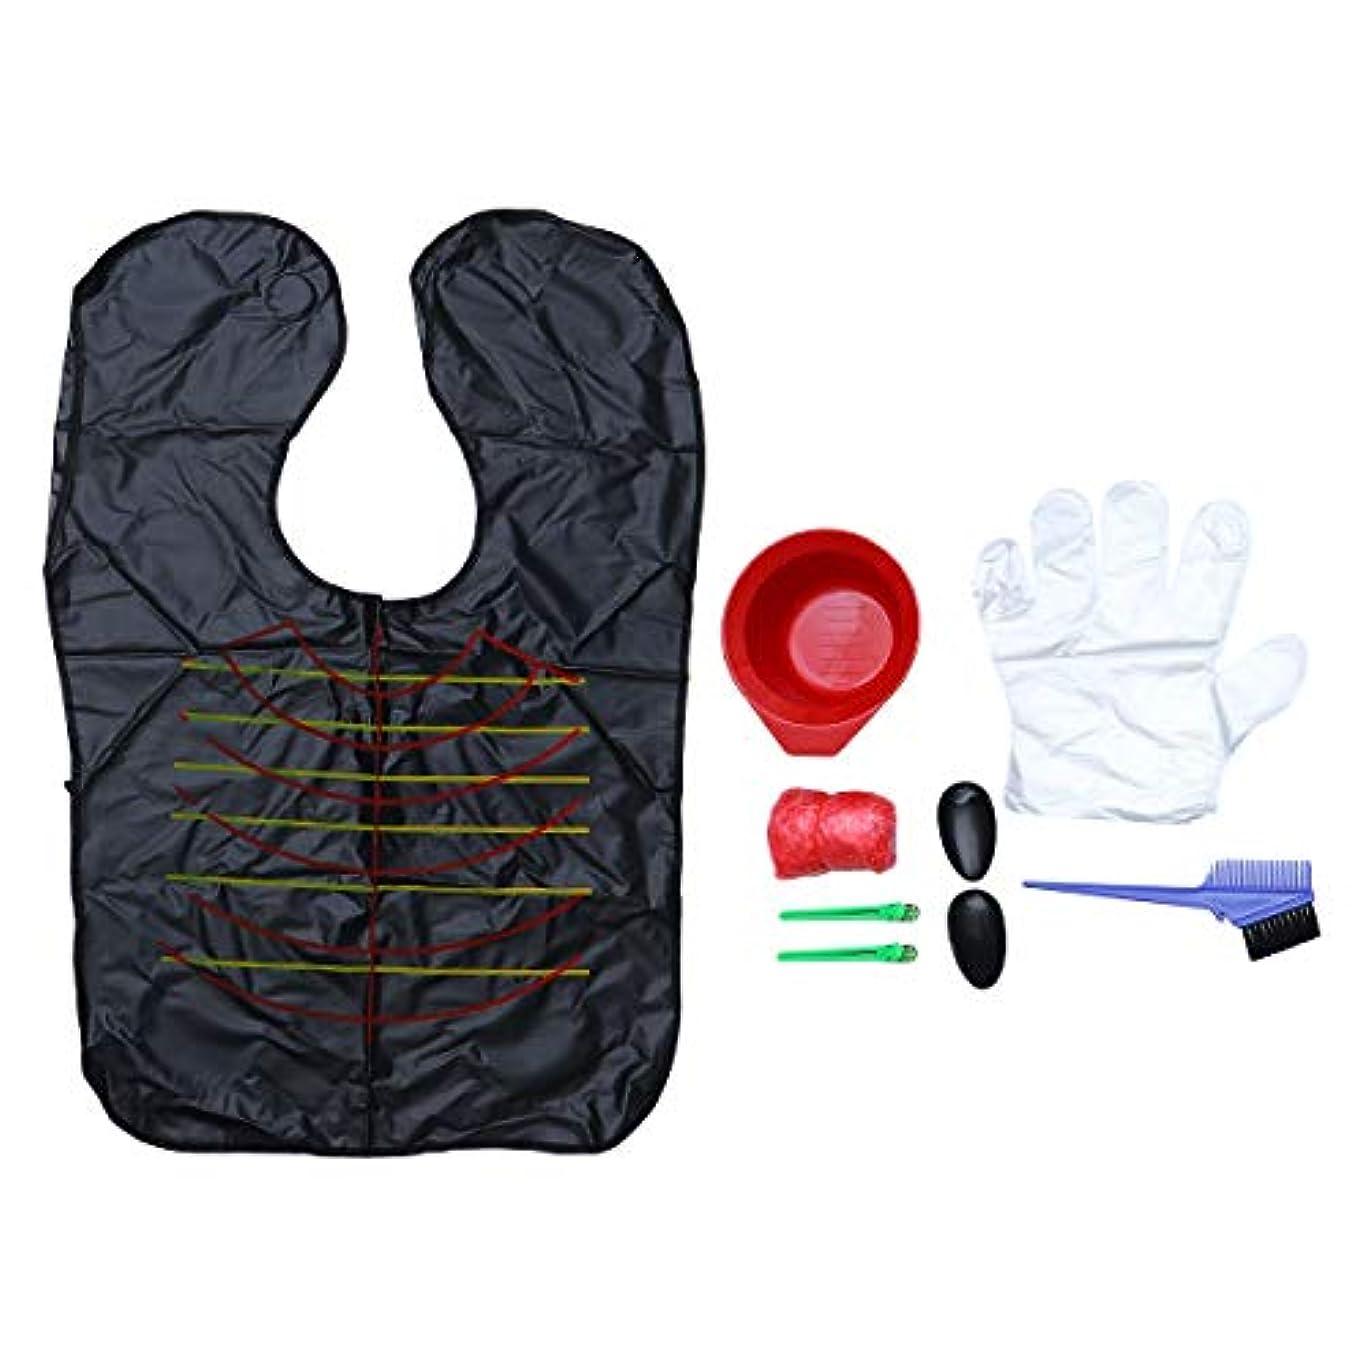 簡潔な証言ファイターHealifty 9Pcsヘアダイカラーリングキットヘアダイブラシボウルケープイヤーカバーヘアクリップヘアカラー手袋家庭用(ブラシ、ランダムカラー用クリップ)